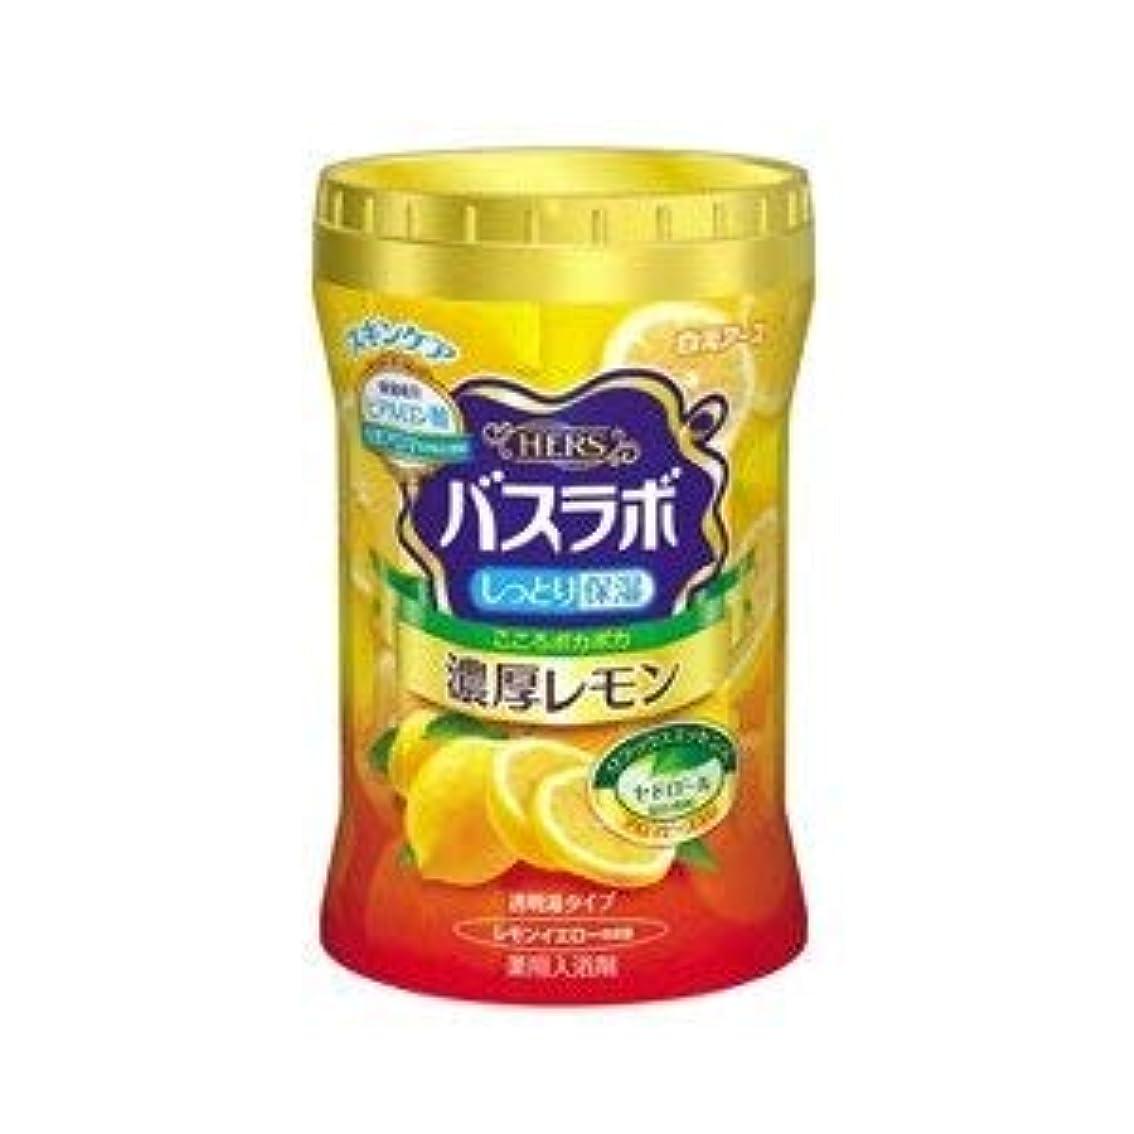 従事したダイヤル包帯バスラボボトル濃厚レモン640g